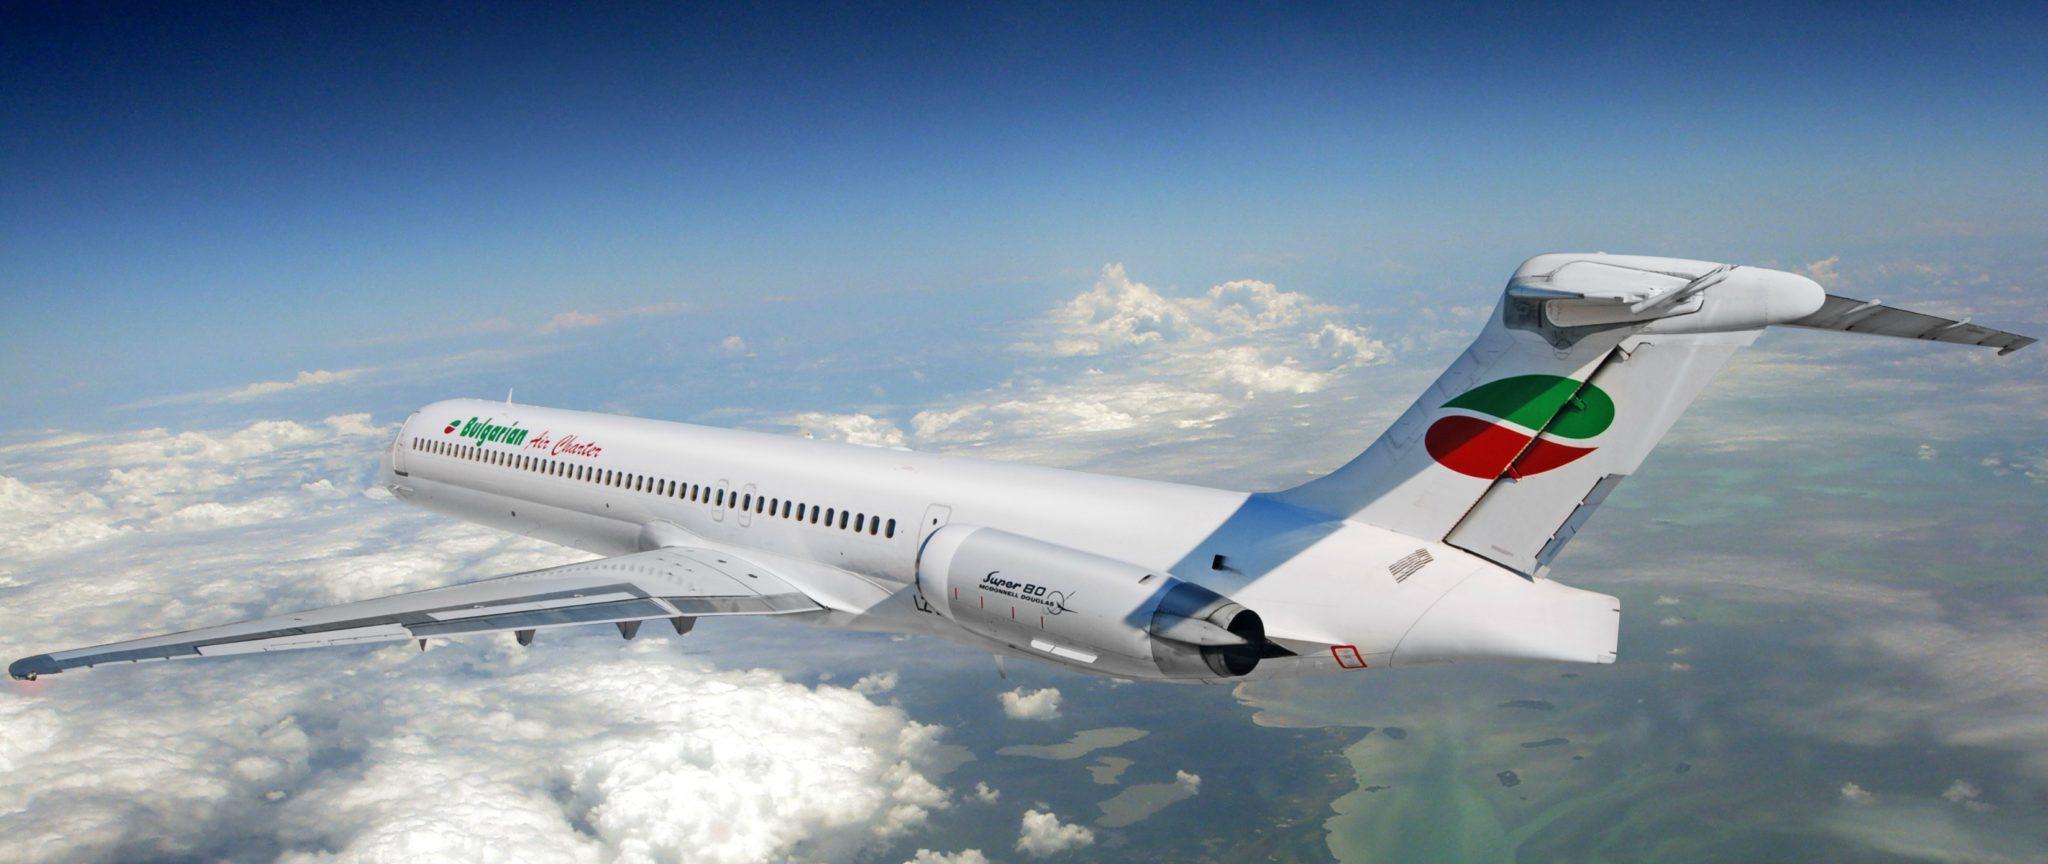 Визуализация полета McDonnell Douglas